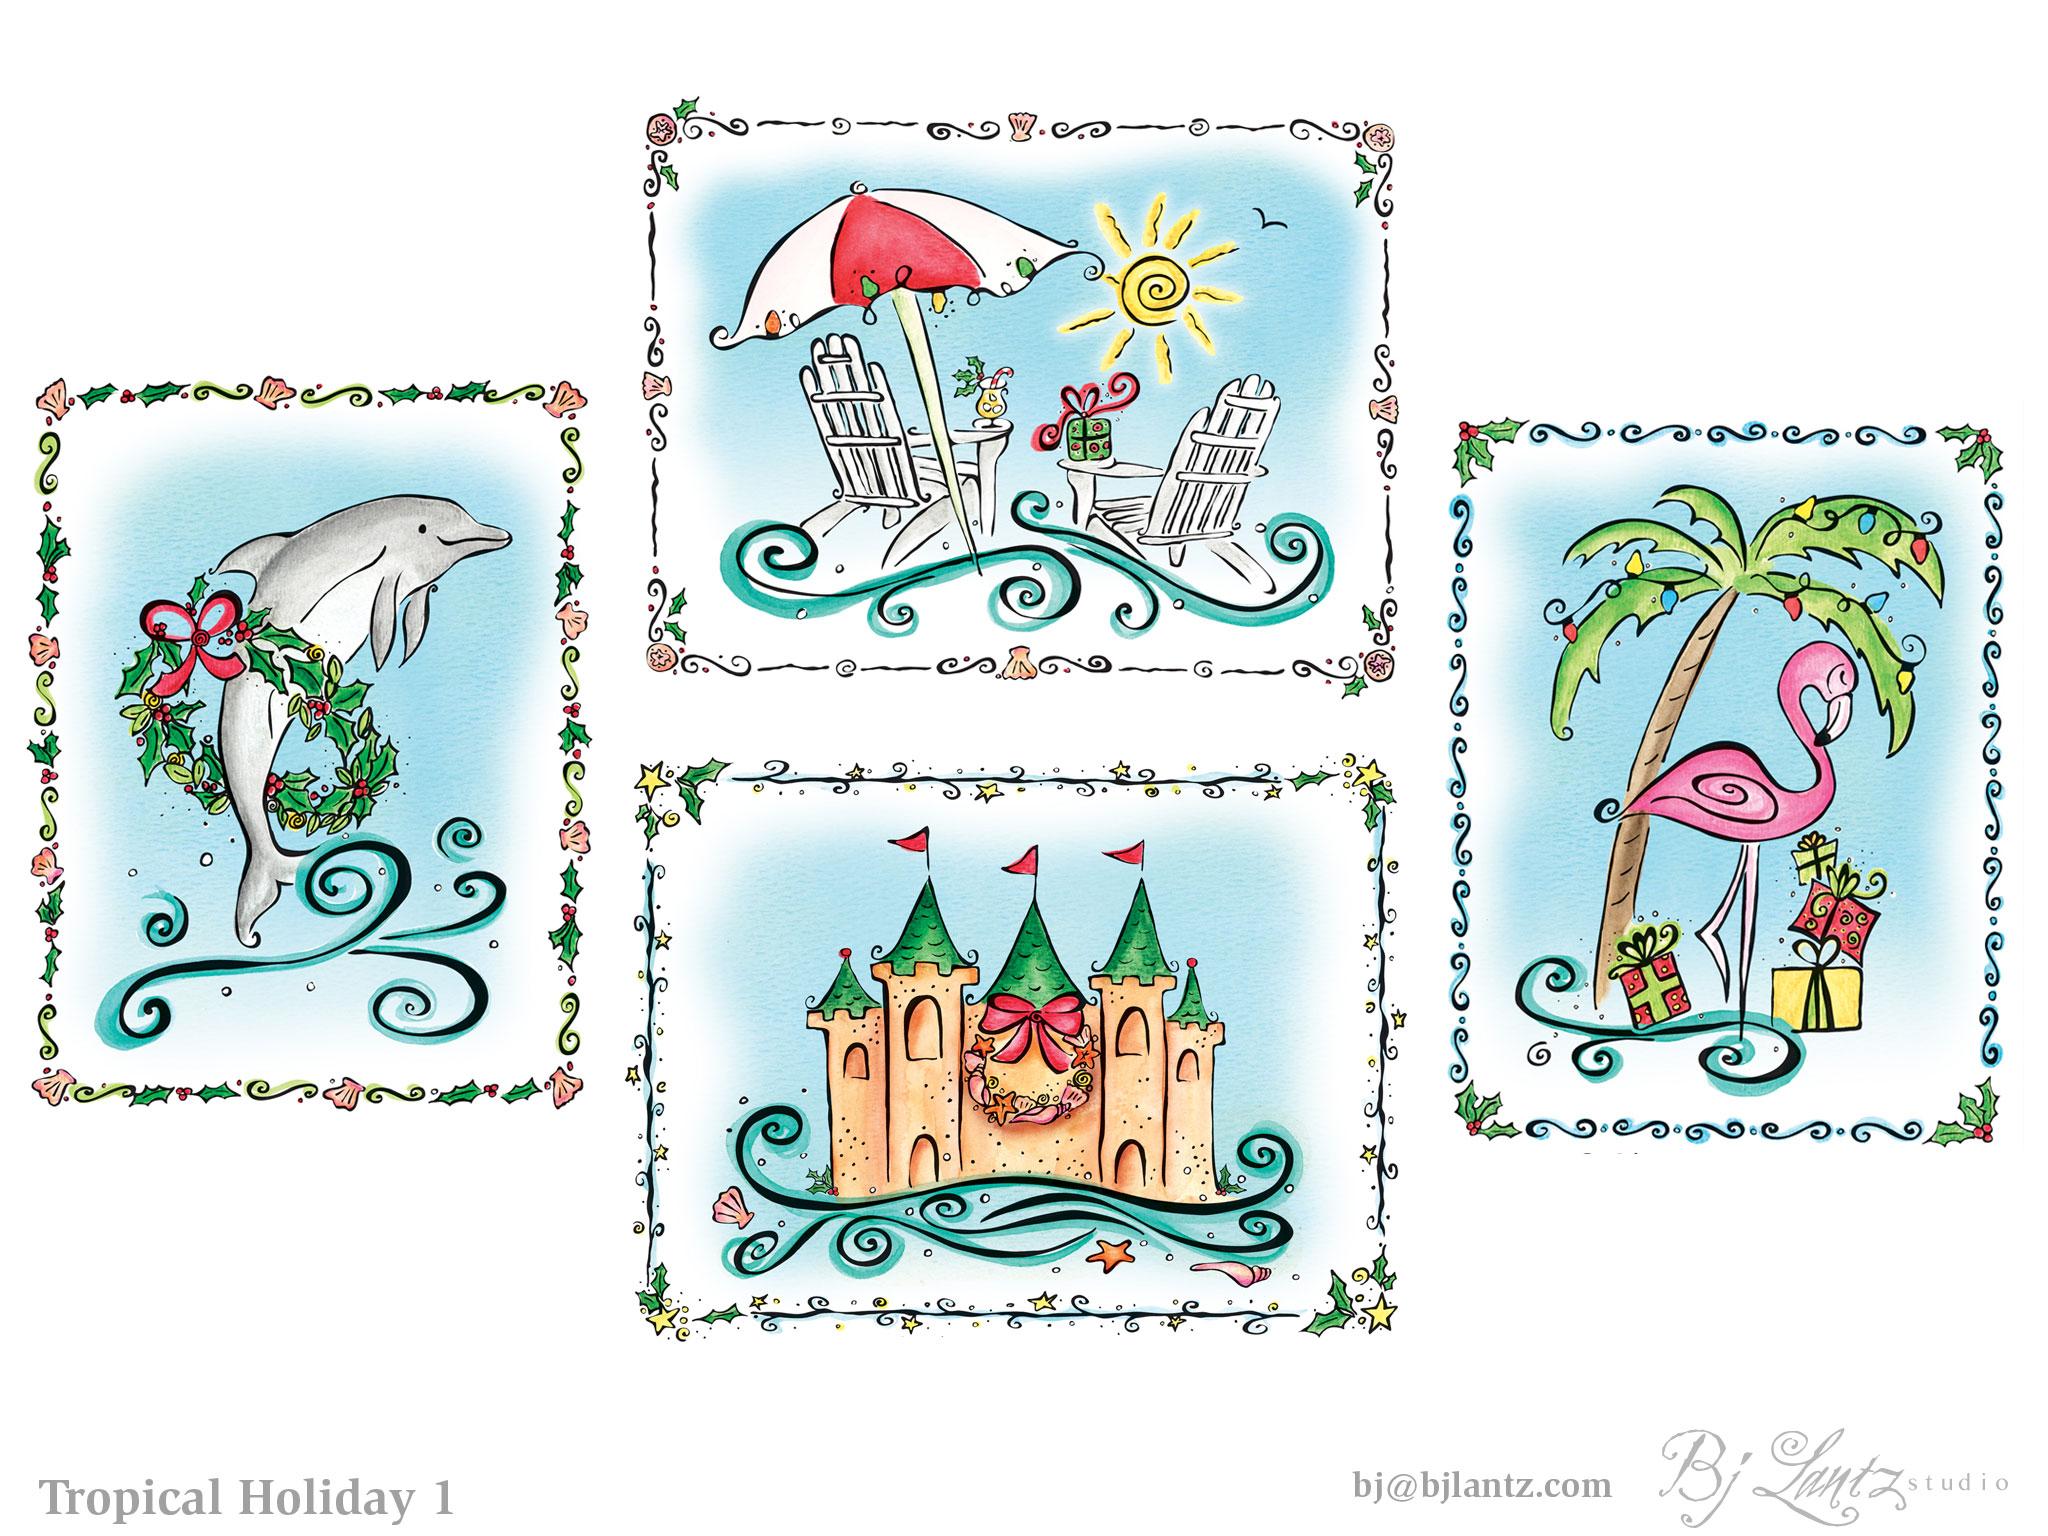 TropicalHoliday-1_portfolio_Lantz.jpg